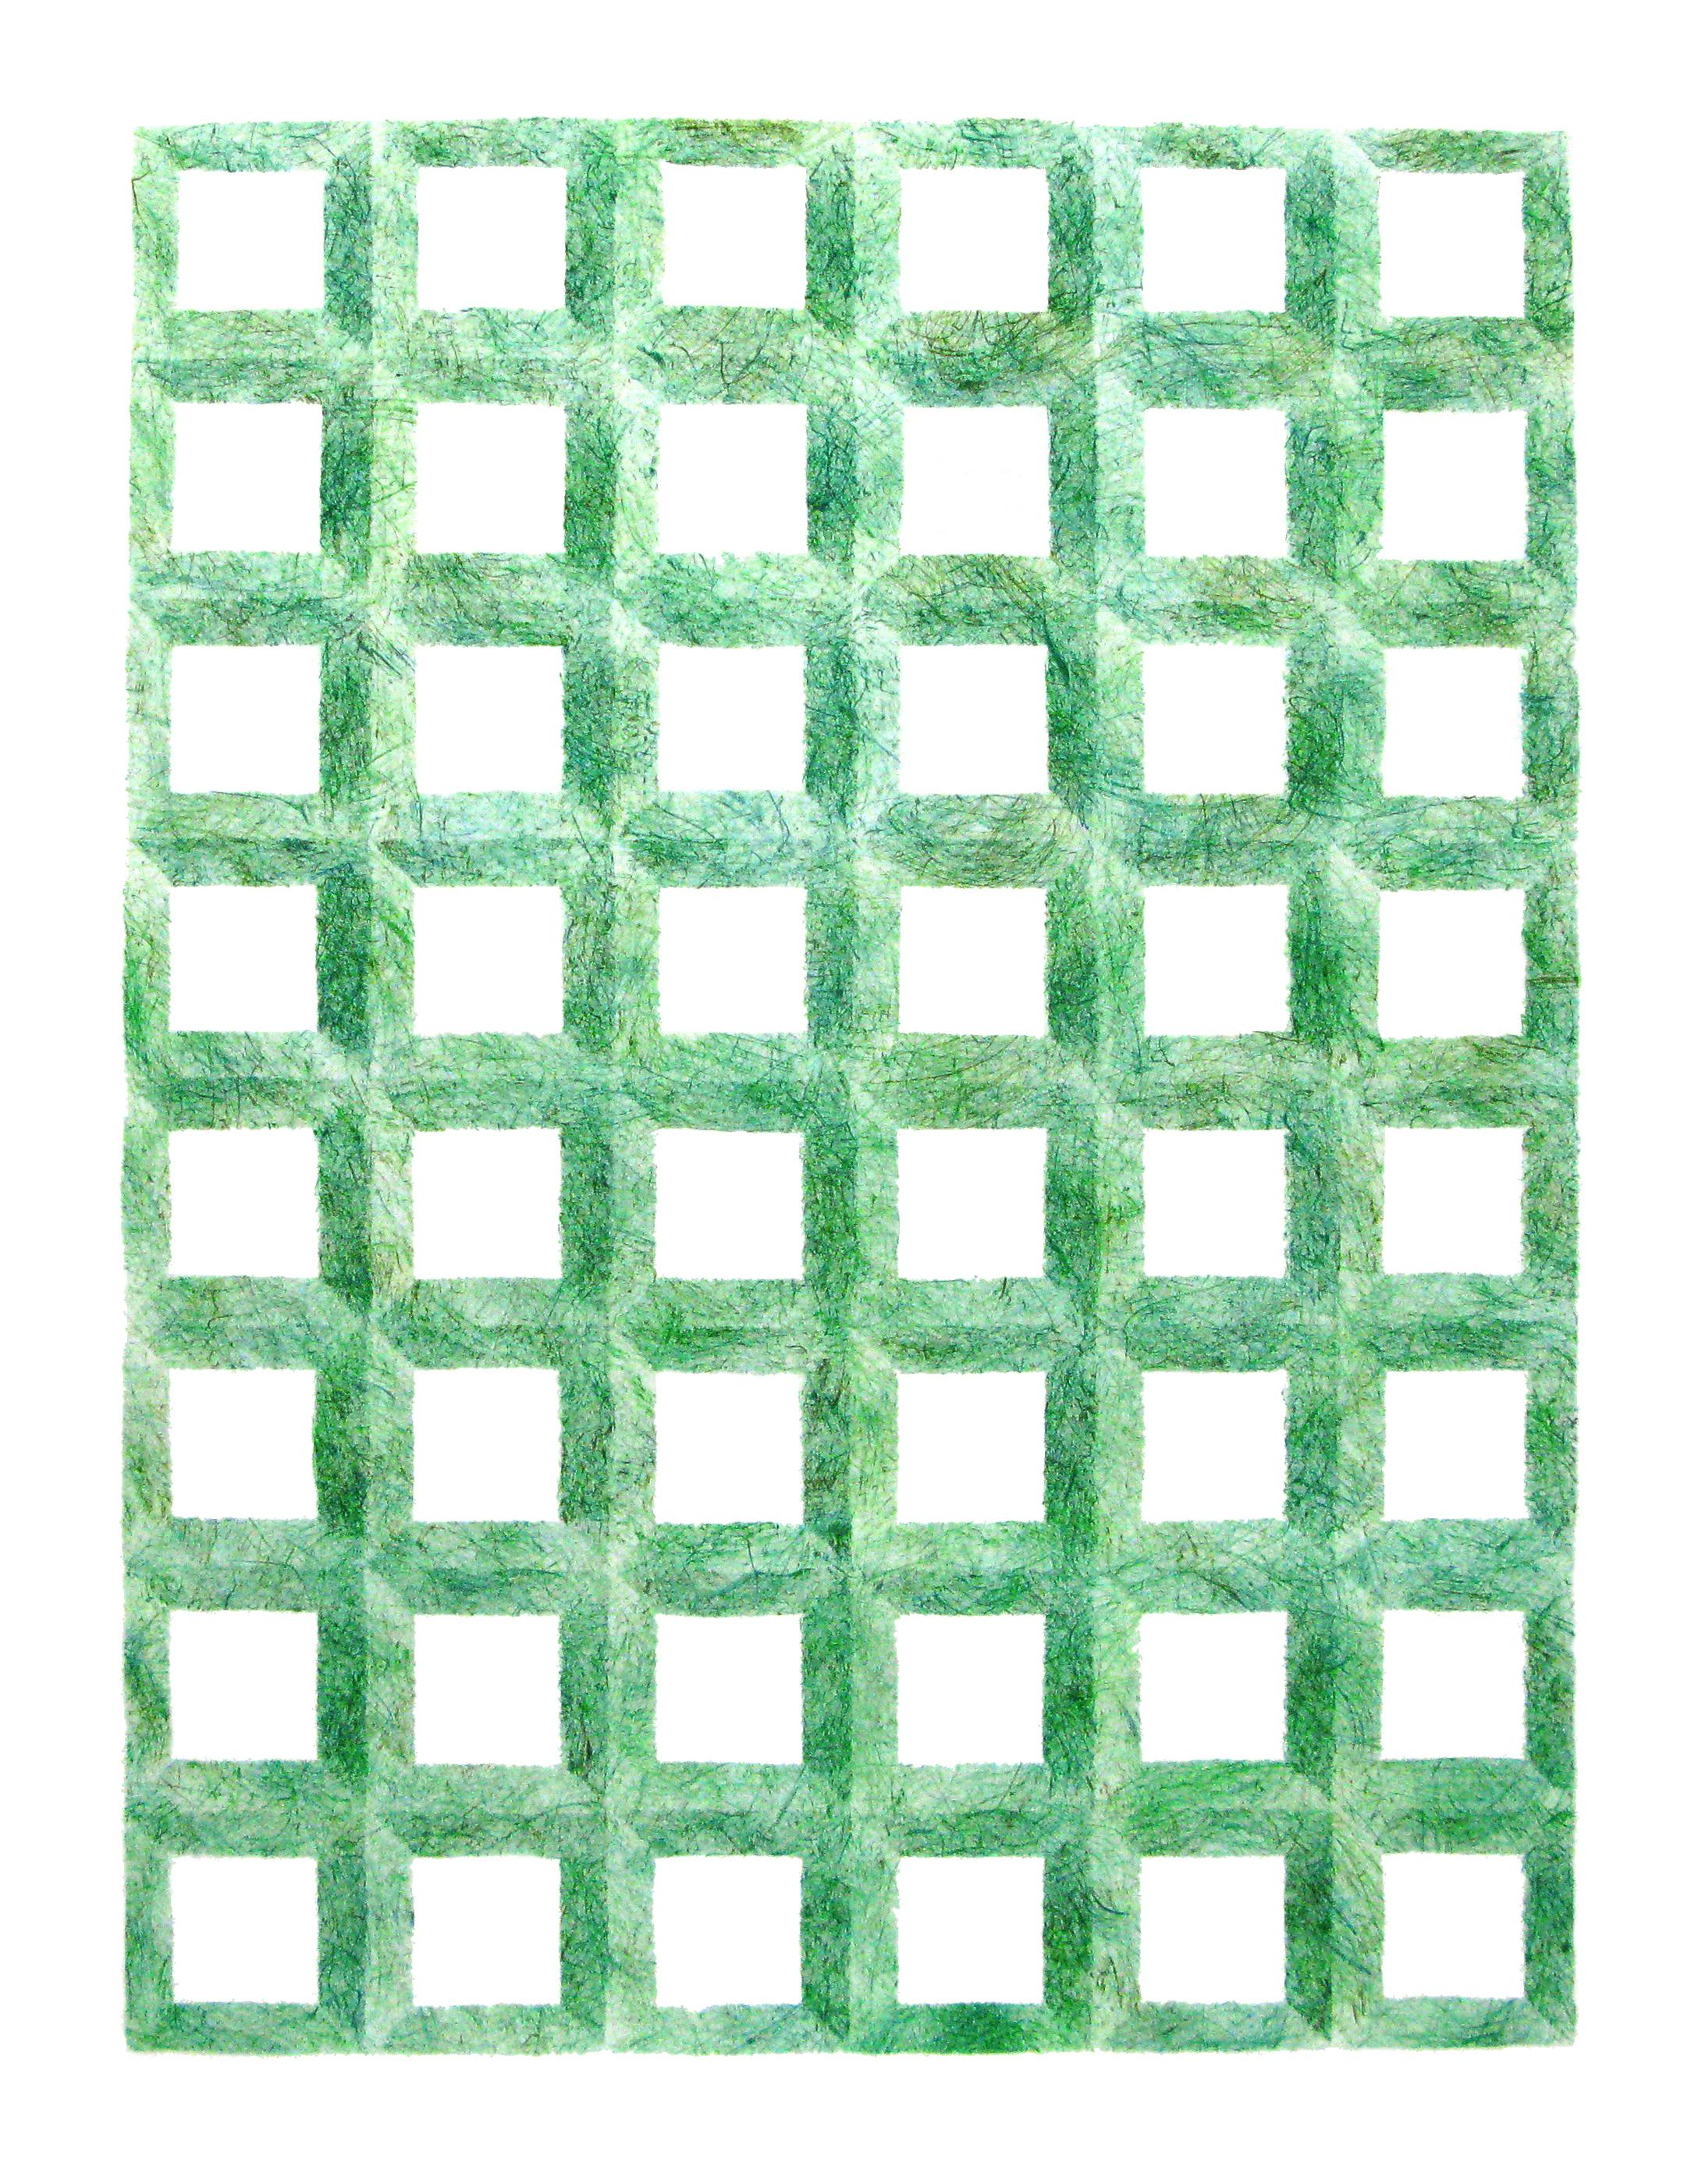 J Delhorme sans titre 2018 pastel a l_huile sur papier 70x90 cm 72